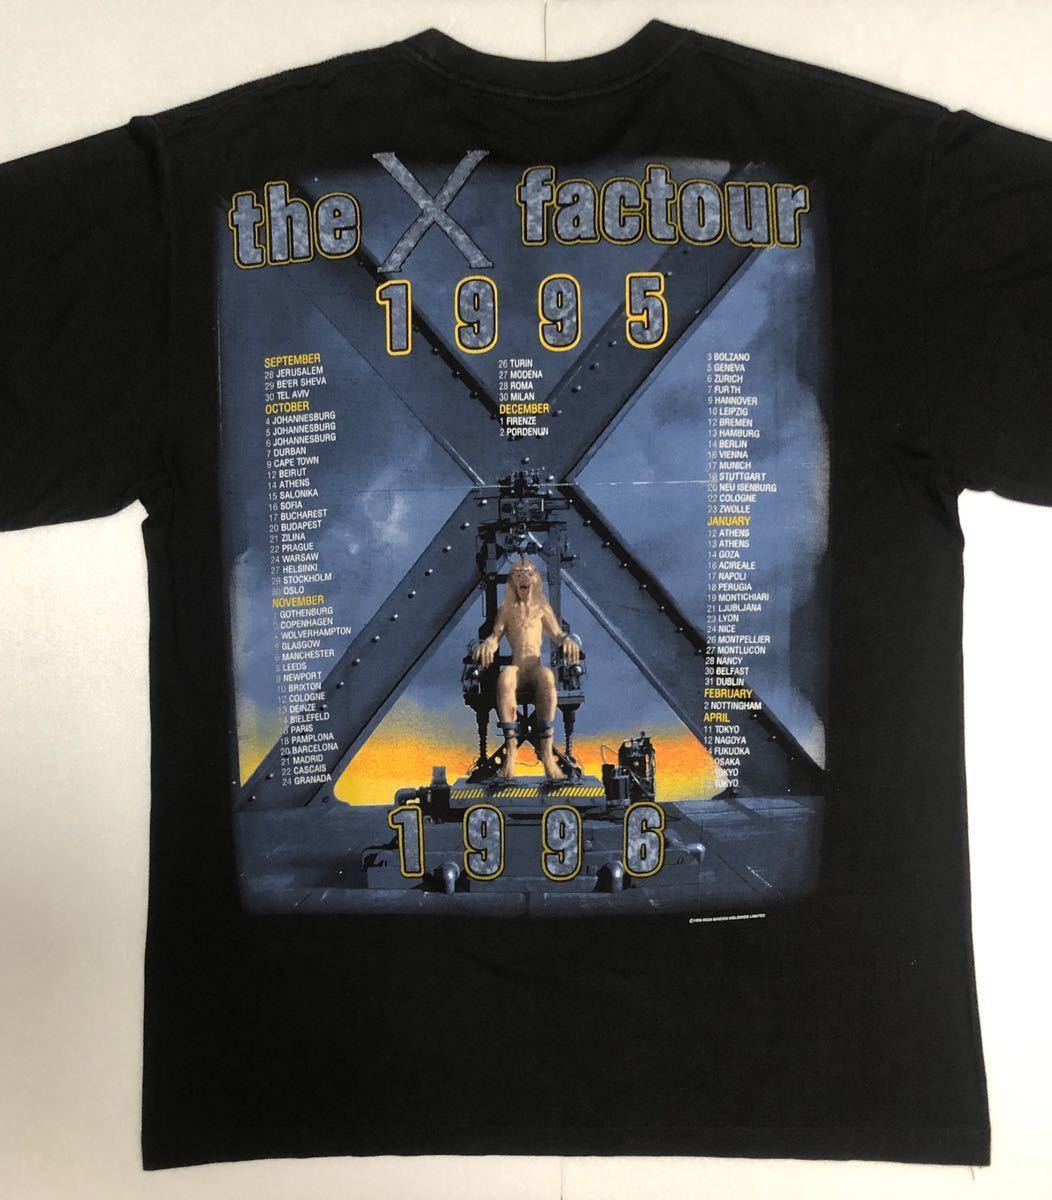 90s 95-96年 ツアー IRON MAIDEN アイアンメイデン ビンテージ Tシャツ 黒 オリジナル メタル ロック バンド tシャツ レア コピーライト_画像7